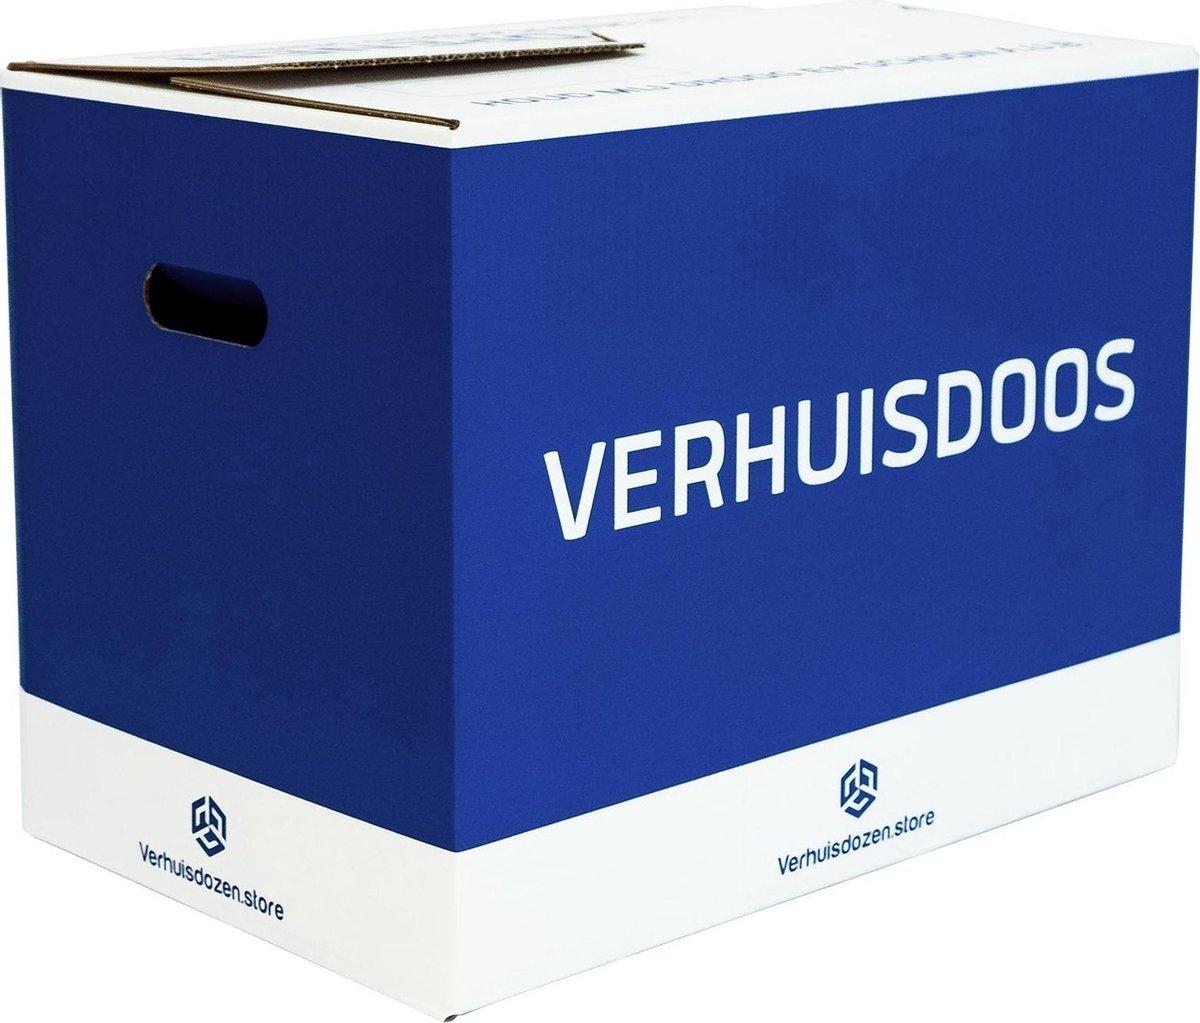 Verhuisdozen Professioneel - 10 stuks - 52 Liter - Extra stevig - Automatisch opzetbaar - 50 kg laad